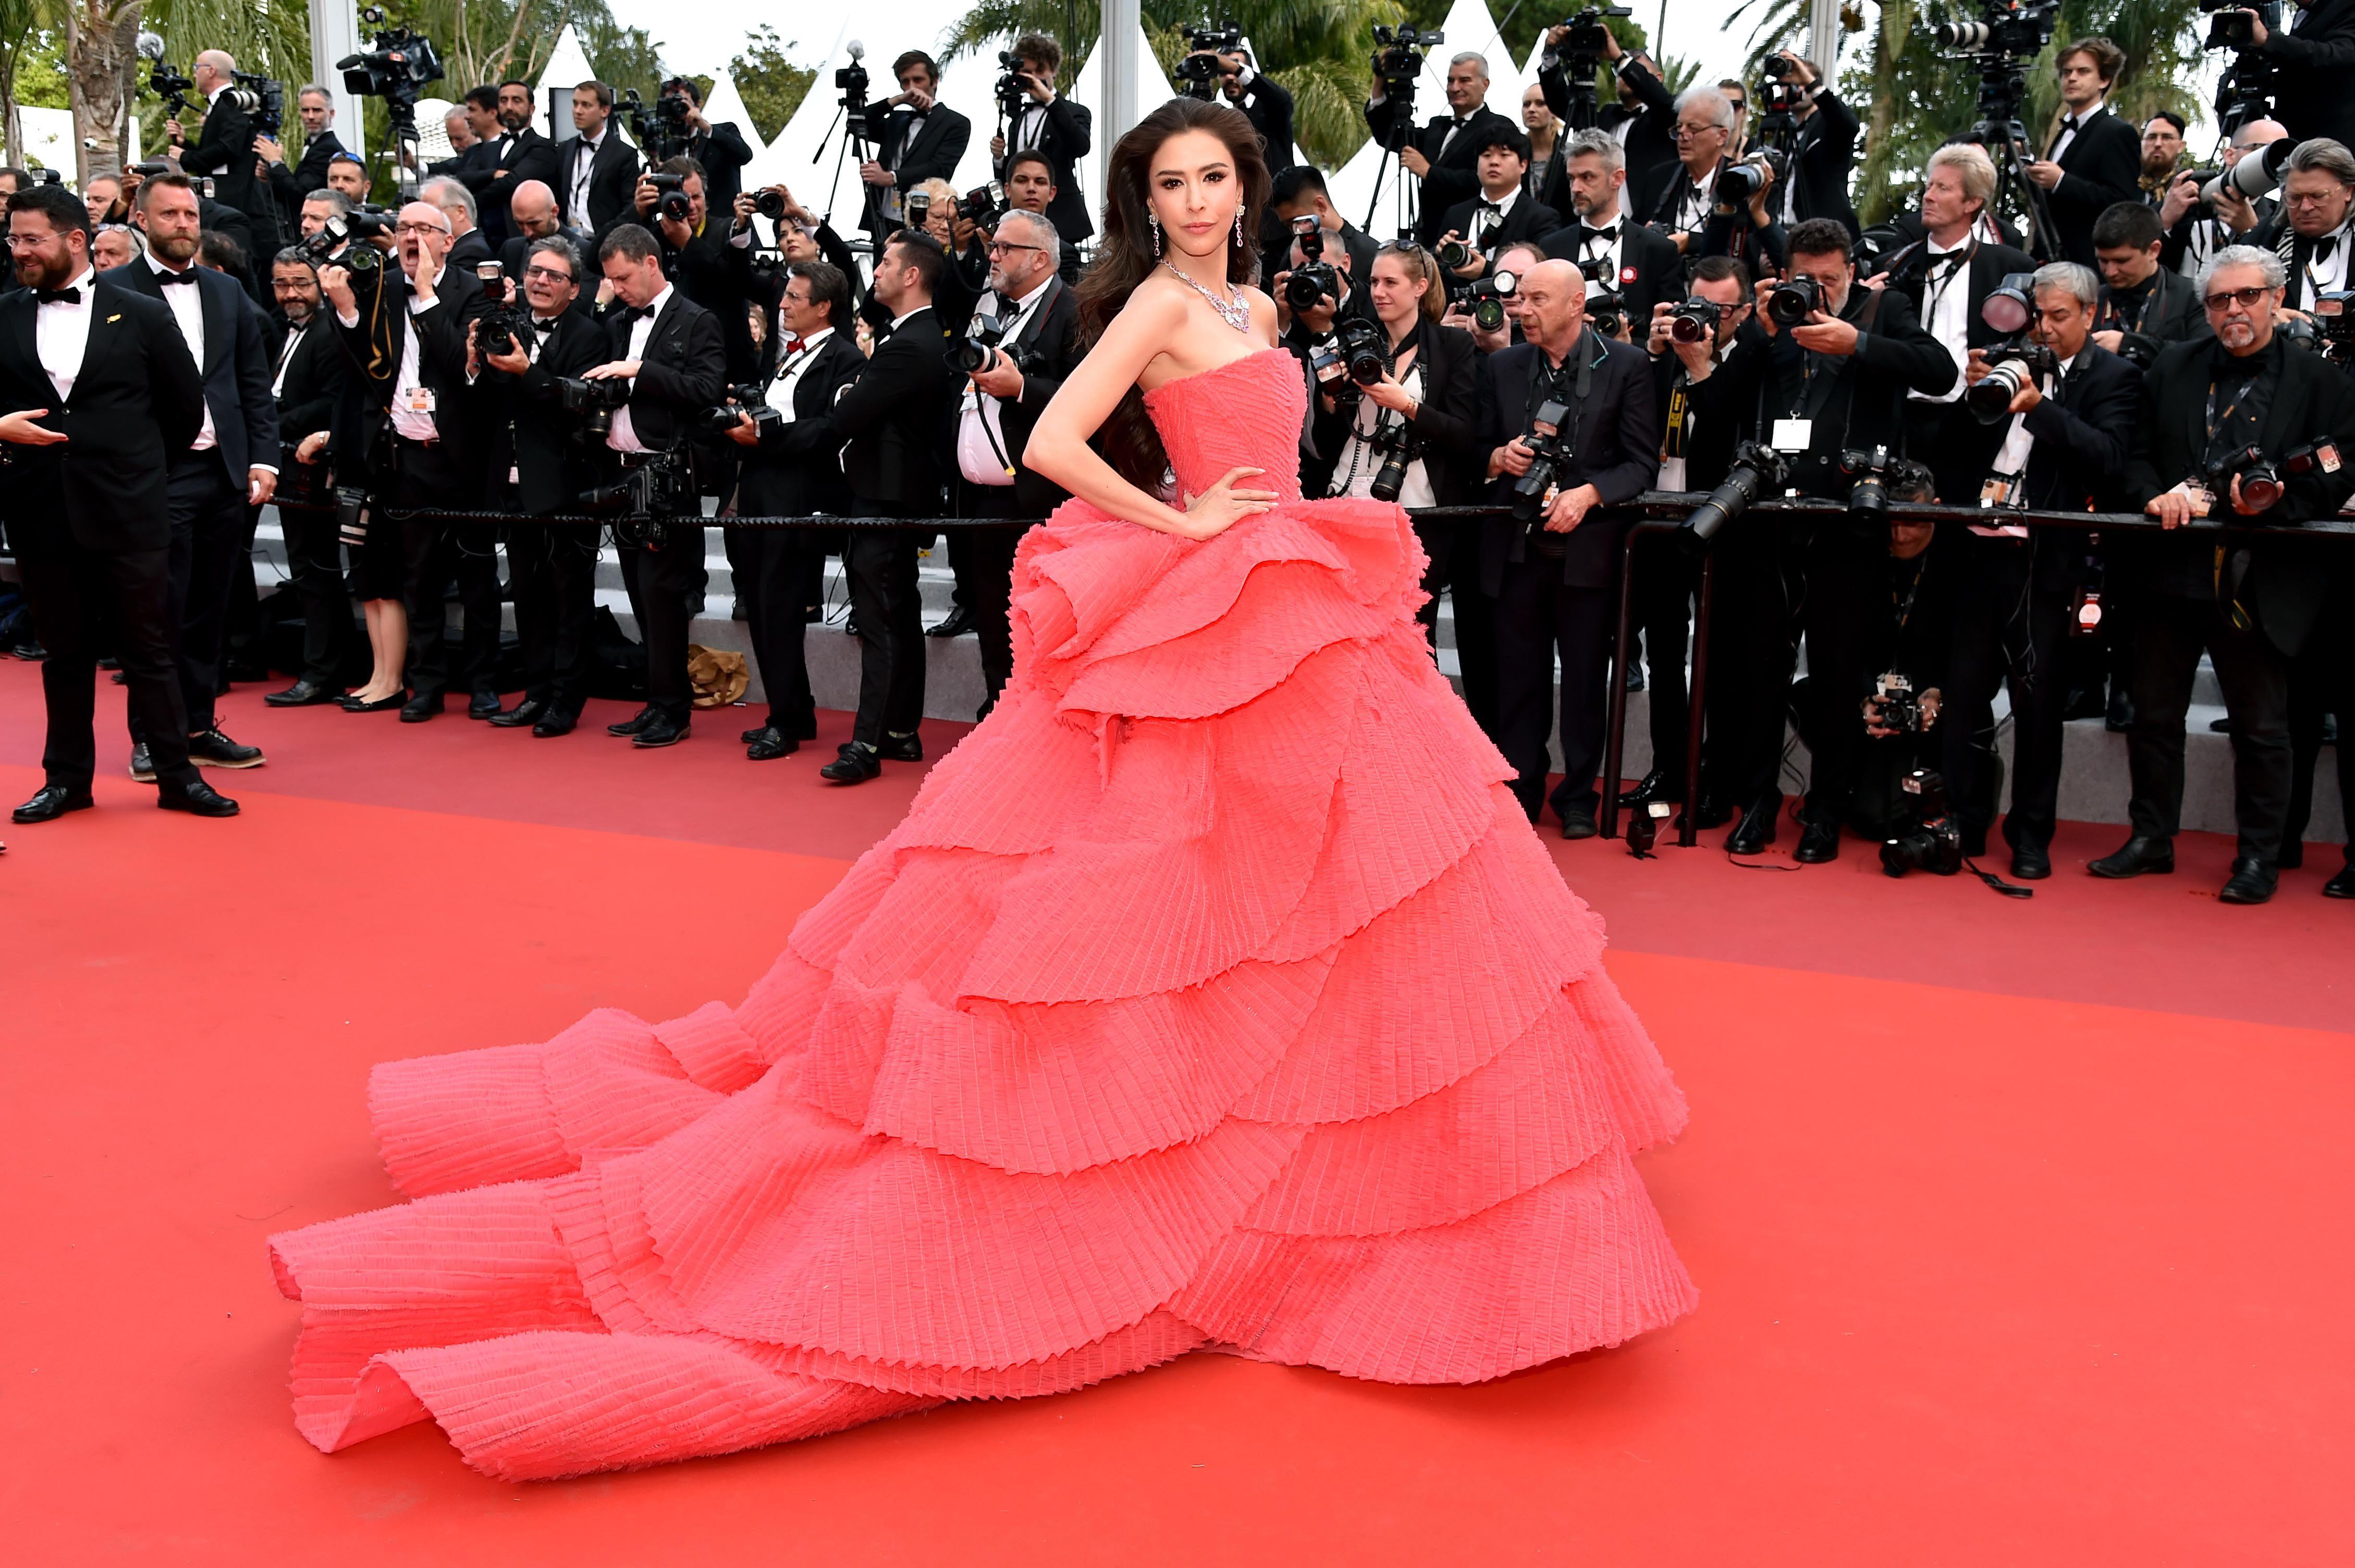 Sririta Jensen diện váy dạ hội hồng của Michael Cino trên thảm đỏ Cannes 2019 vào ngày công chiếu Les Miserables